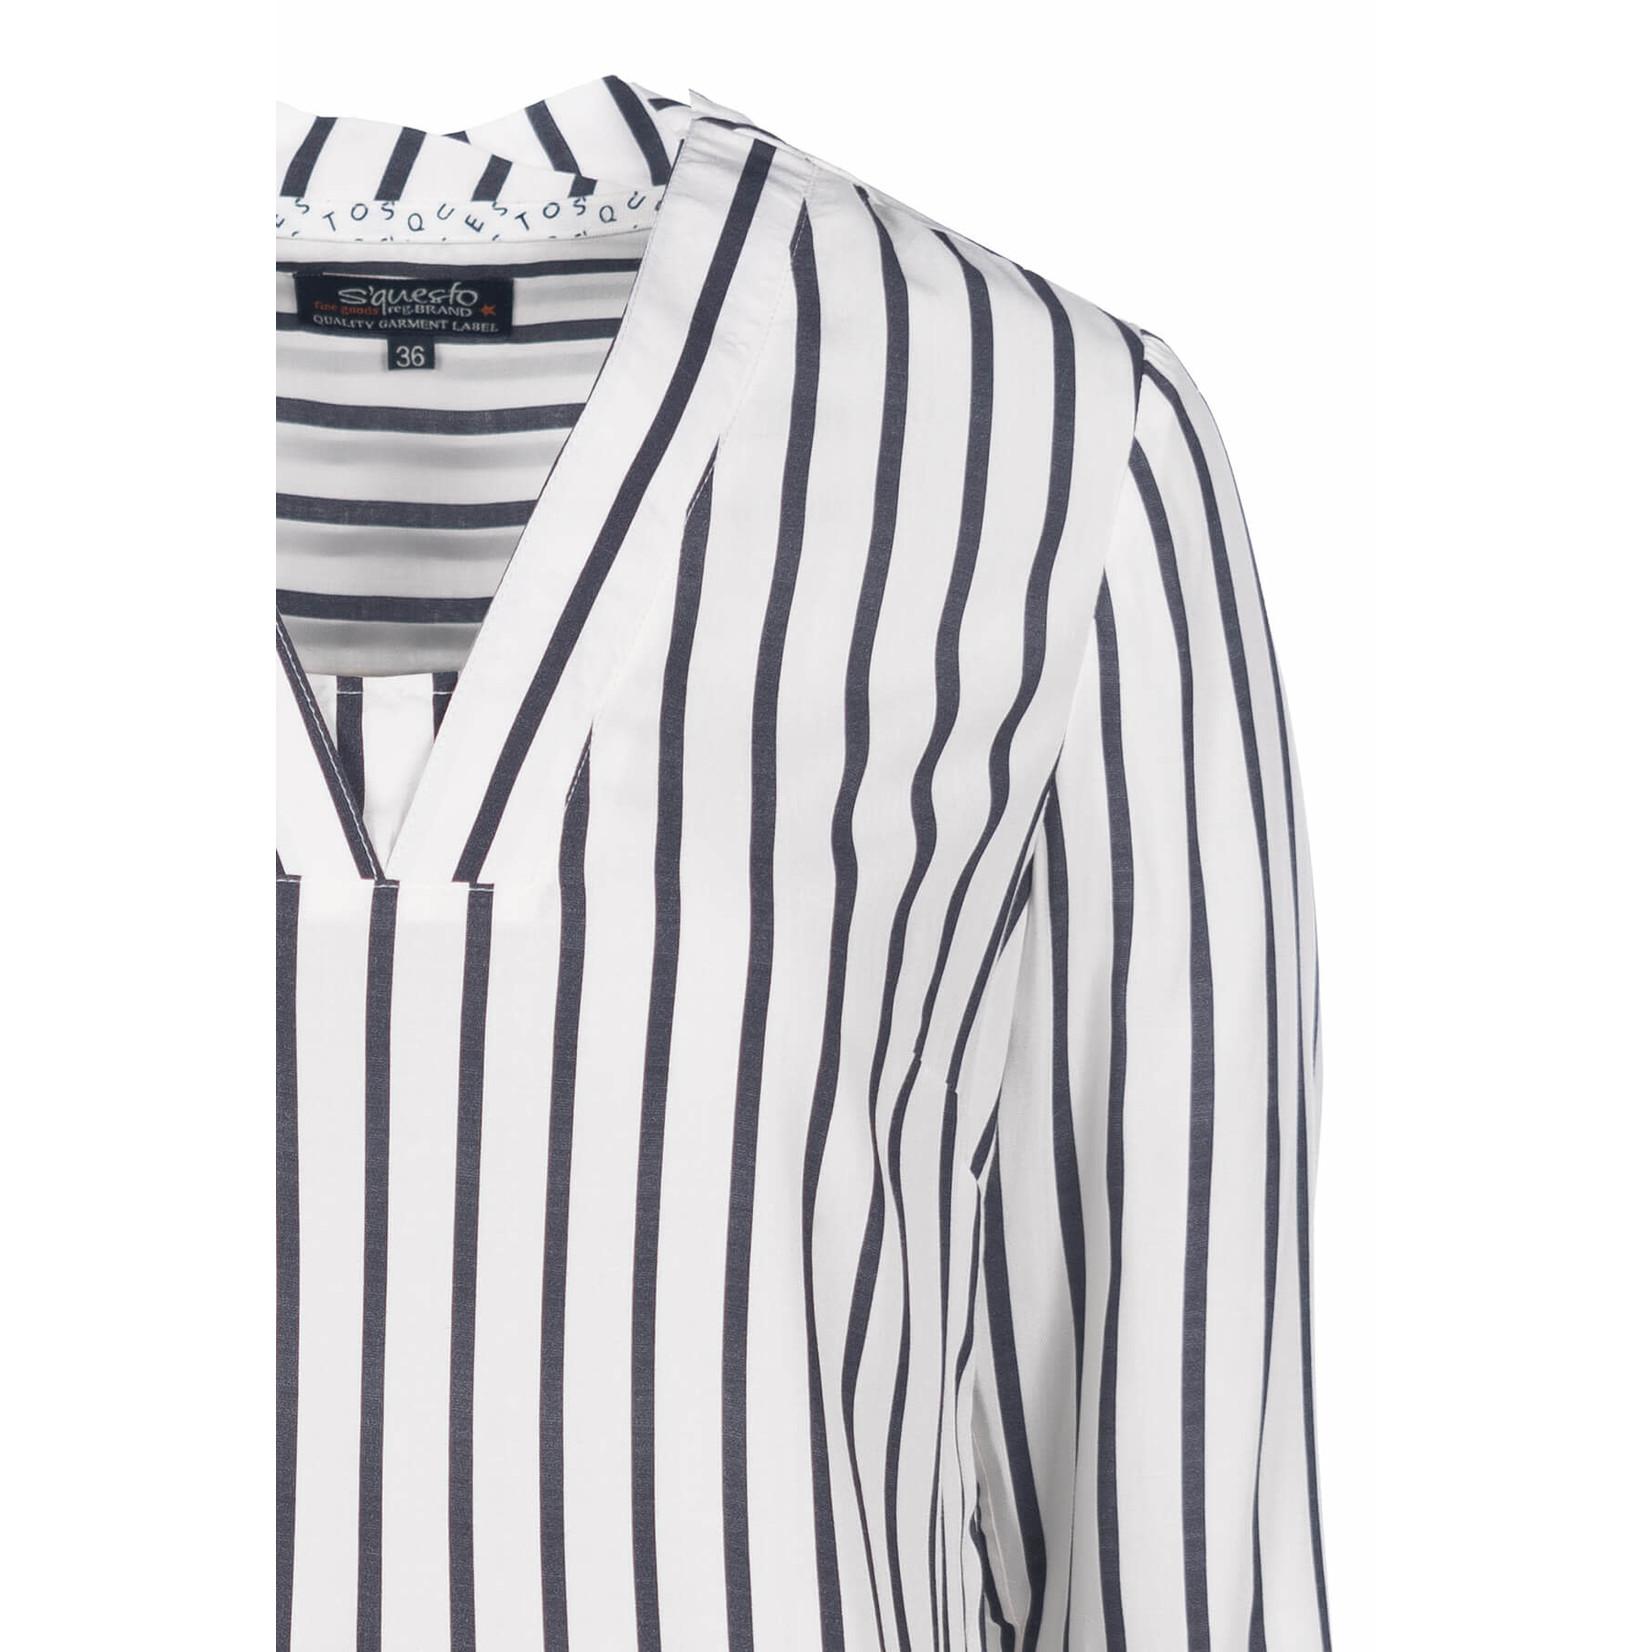 Soquesto Soquesto bluse stripe 6160-501813